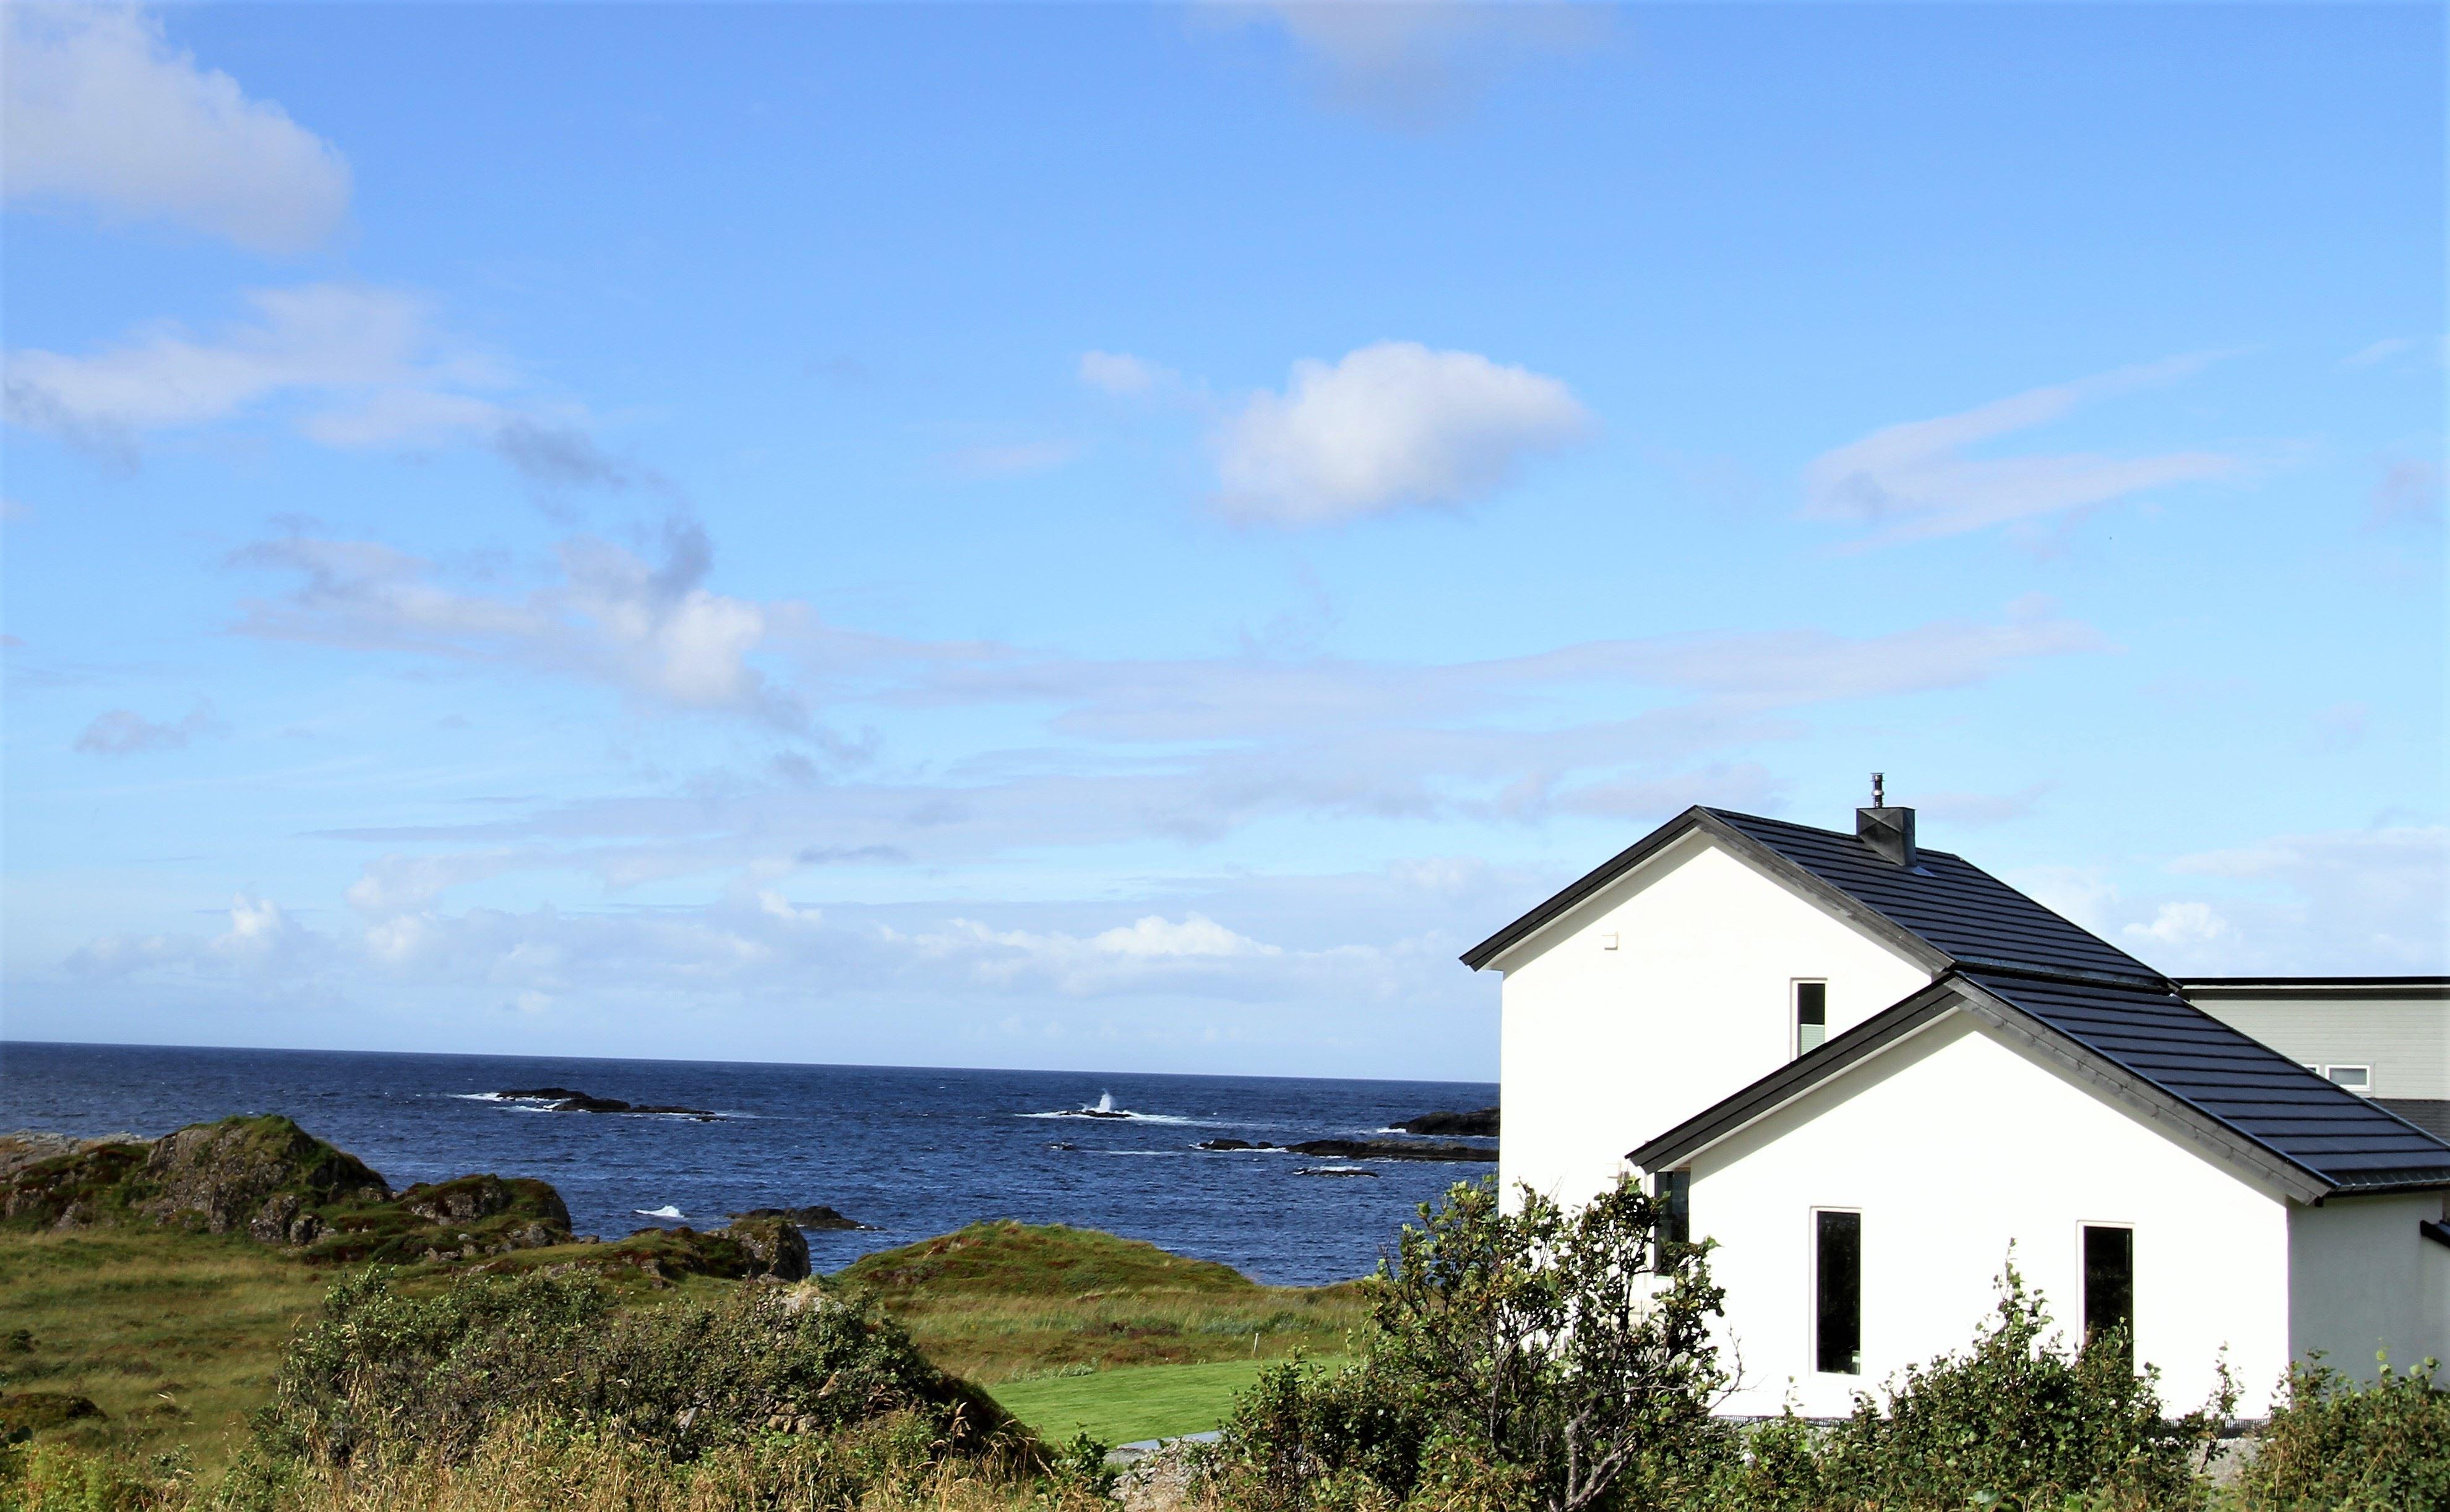 Huset på Skåltofta,  © Huset på Skåltofta, Das Haus auf Skåltofta - bei Nyksund